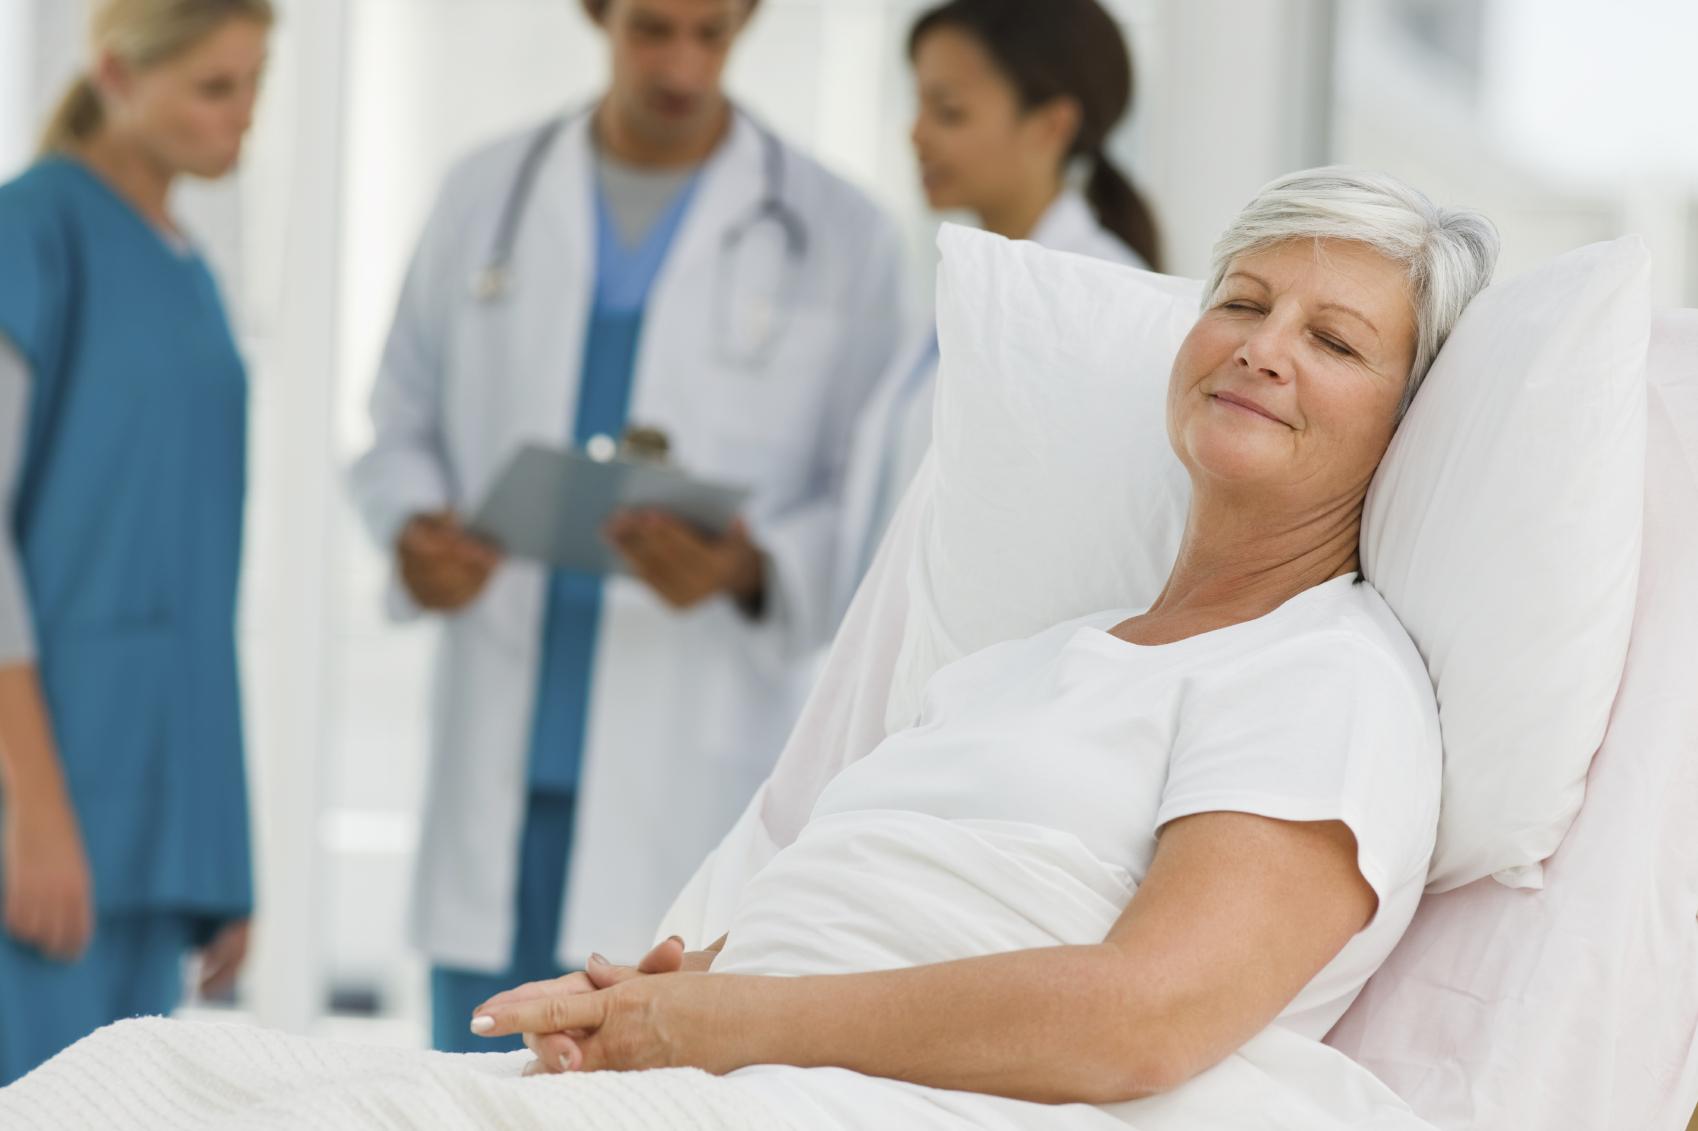 Безопасное лекарство для женщин в менопаузе — пластырь с гормонами